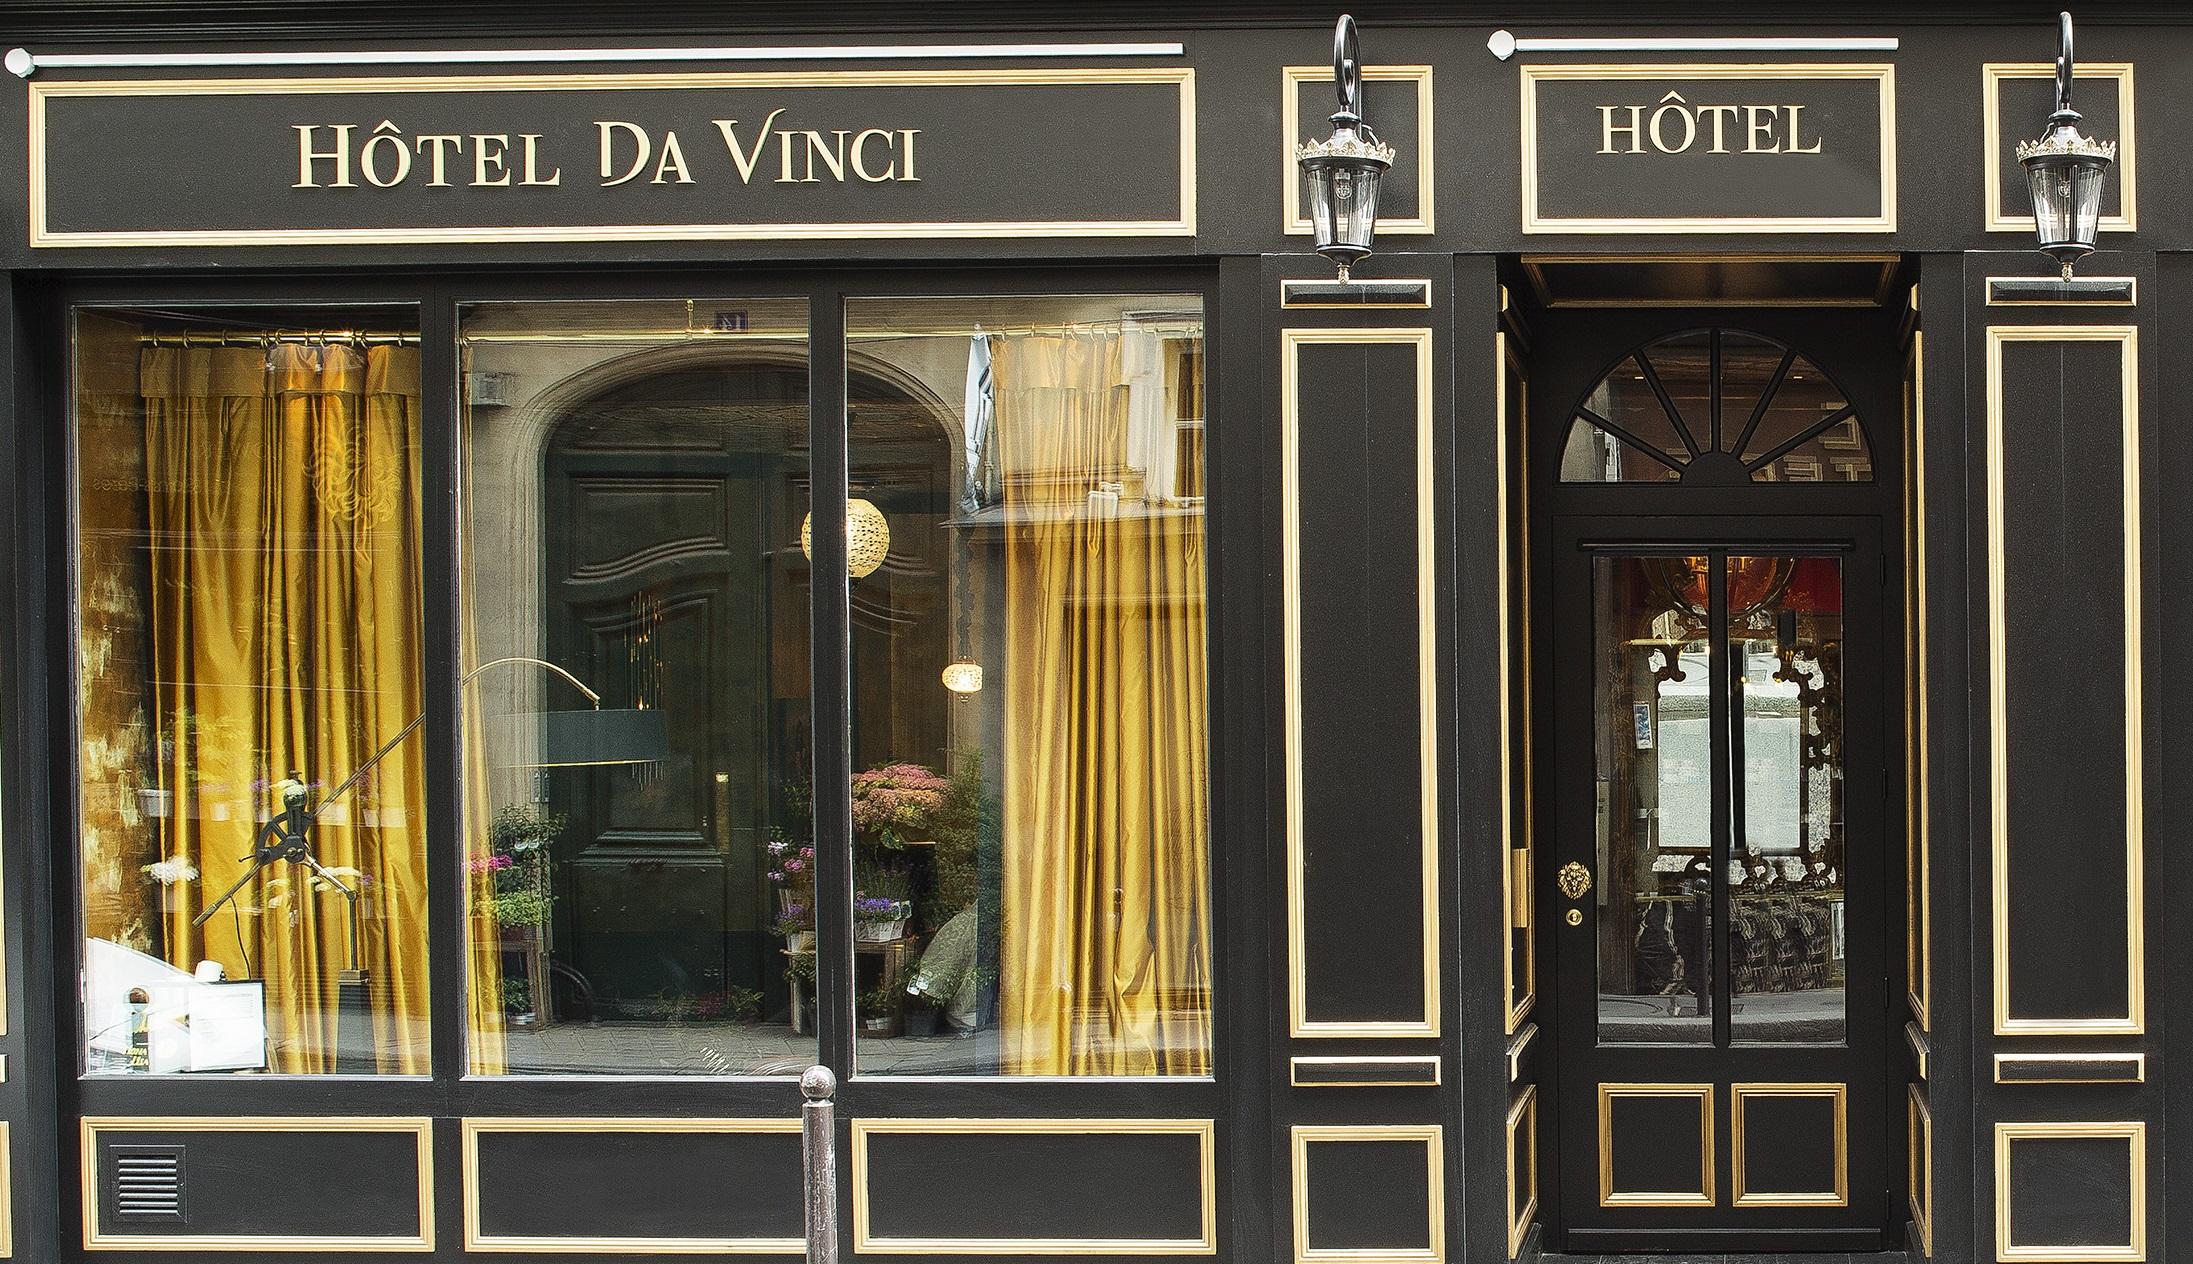 Rooms: Da Vinci Hotel Paris: Renaissance-inspired LuxuryFashionela